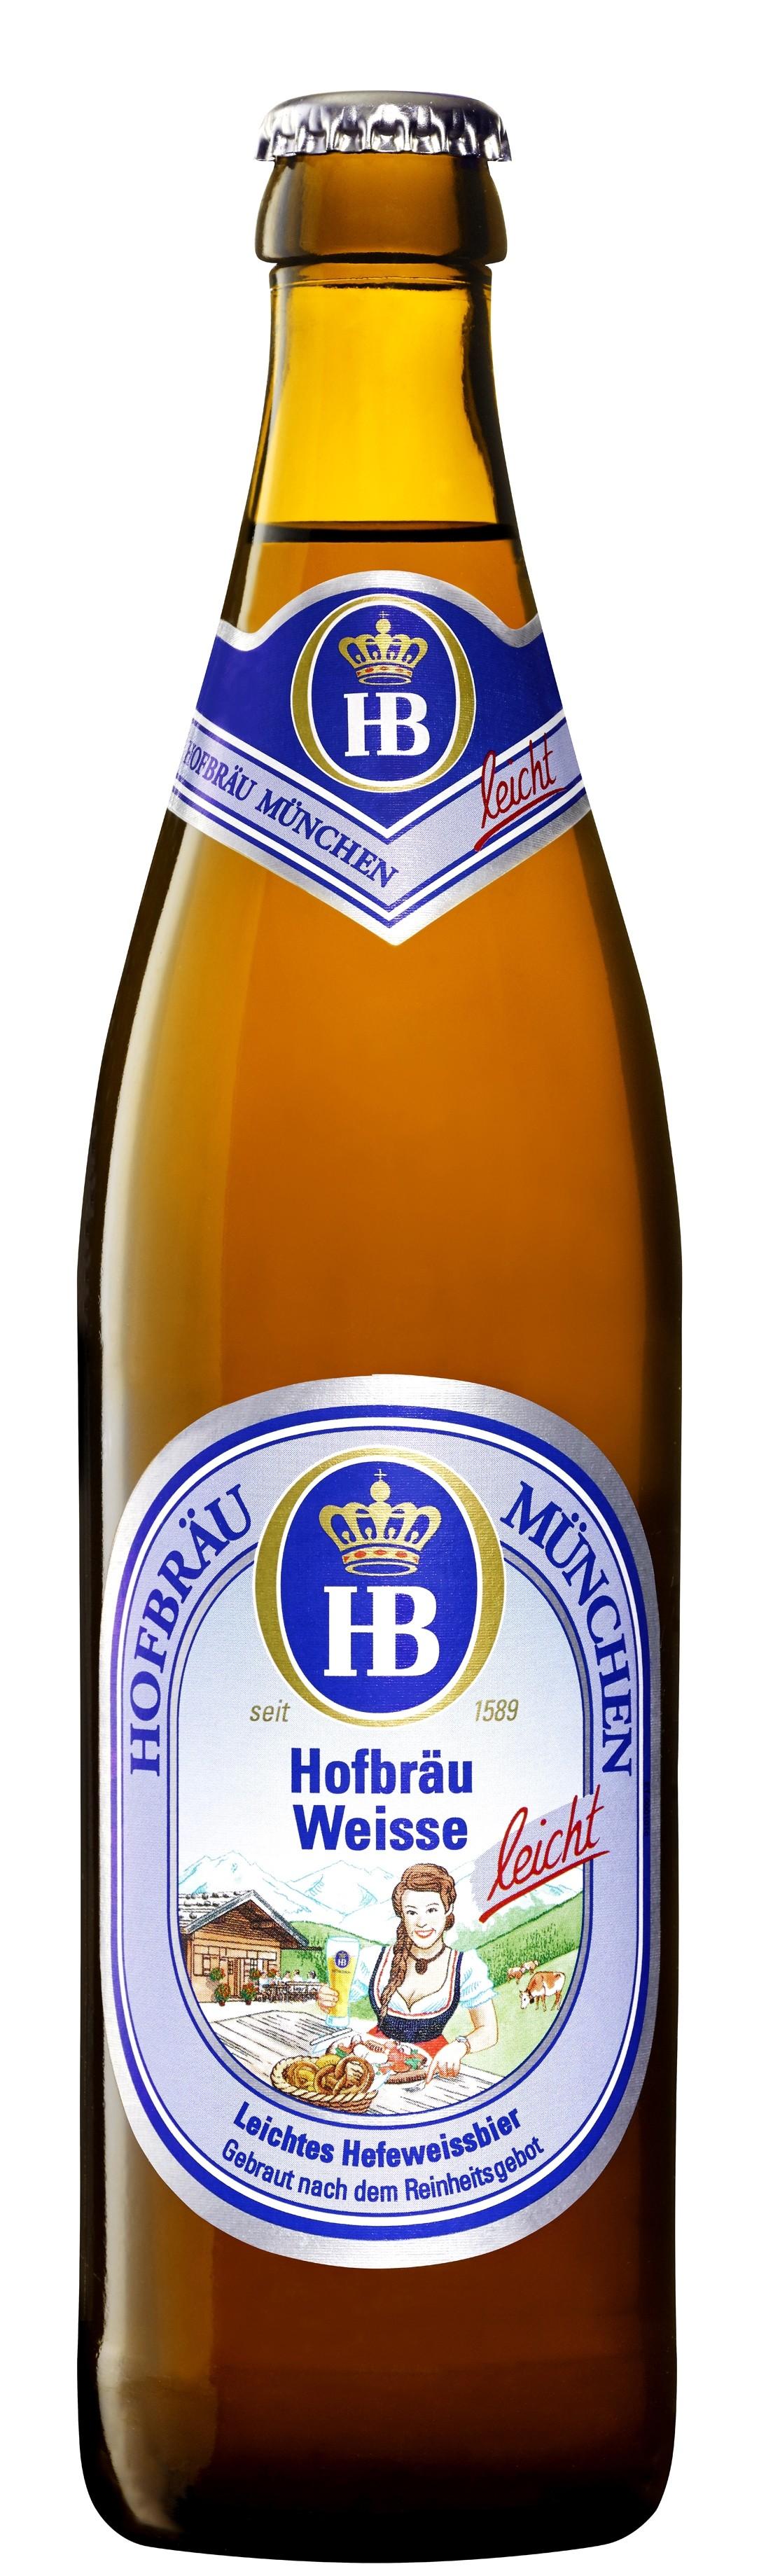 Hofbräu München - Hofbräu Weisse leicht